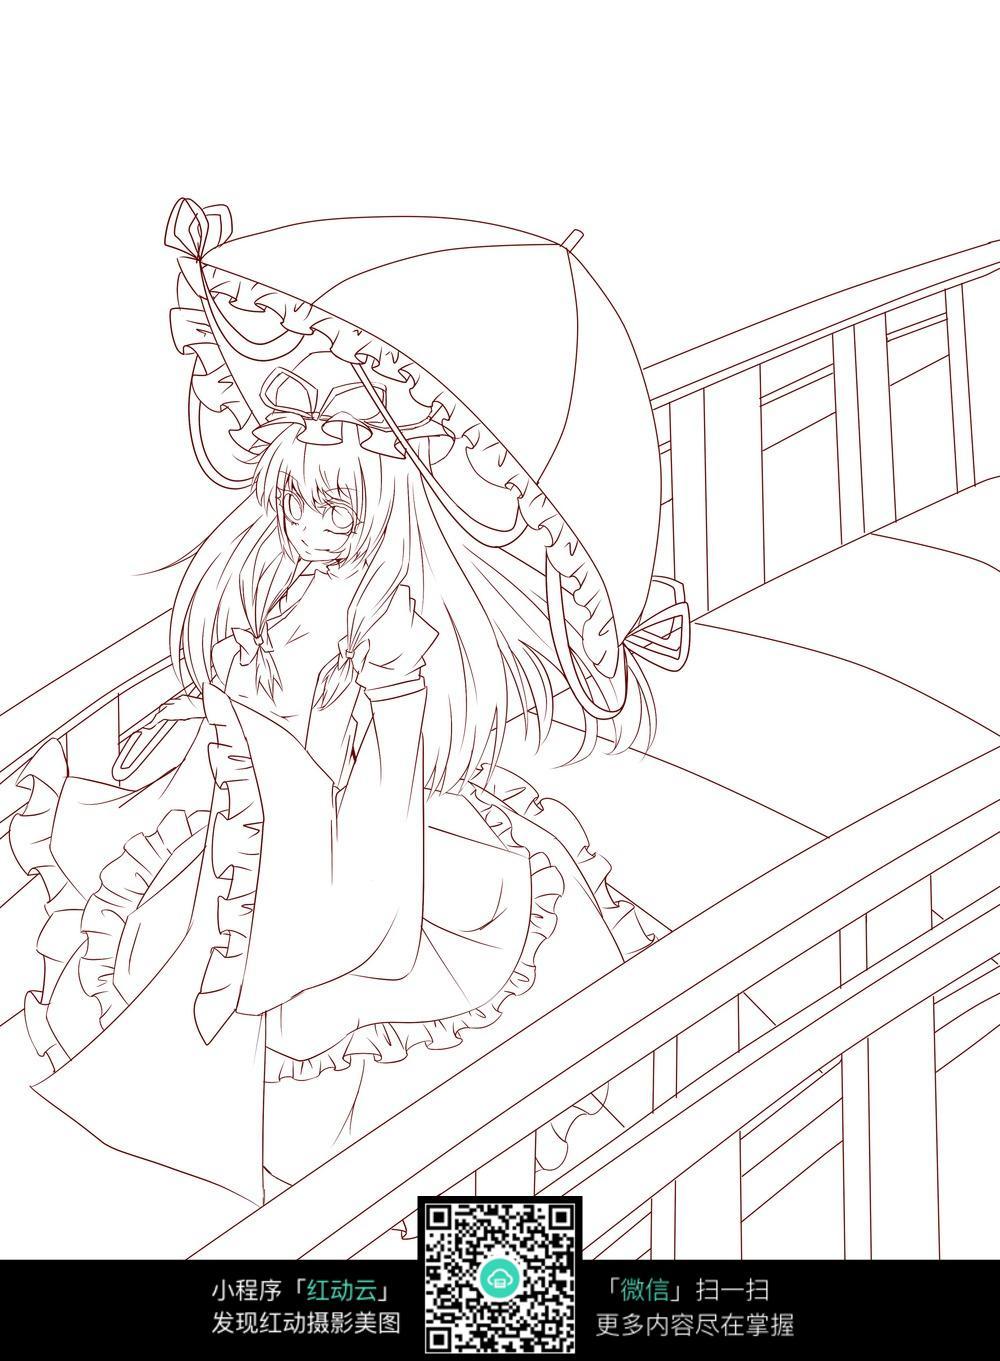 卡通打伞的长裙美少女线描图片素材